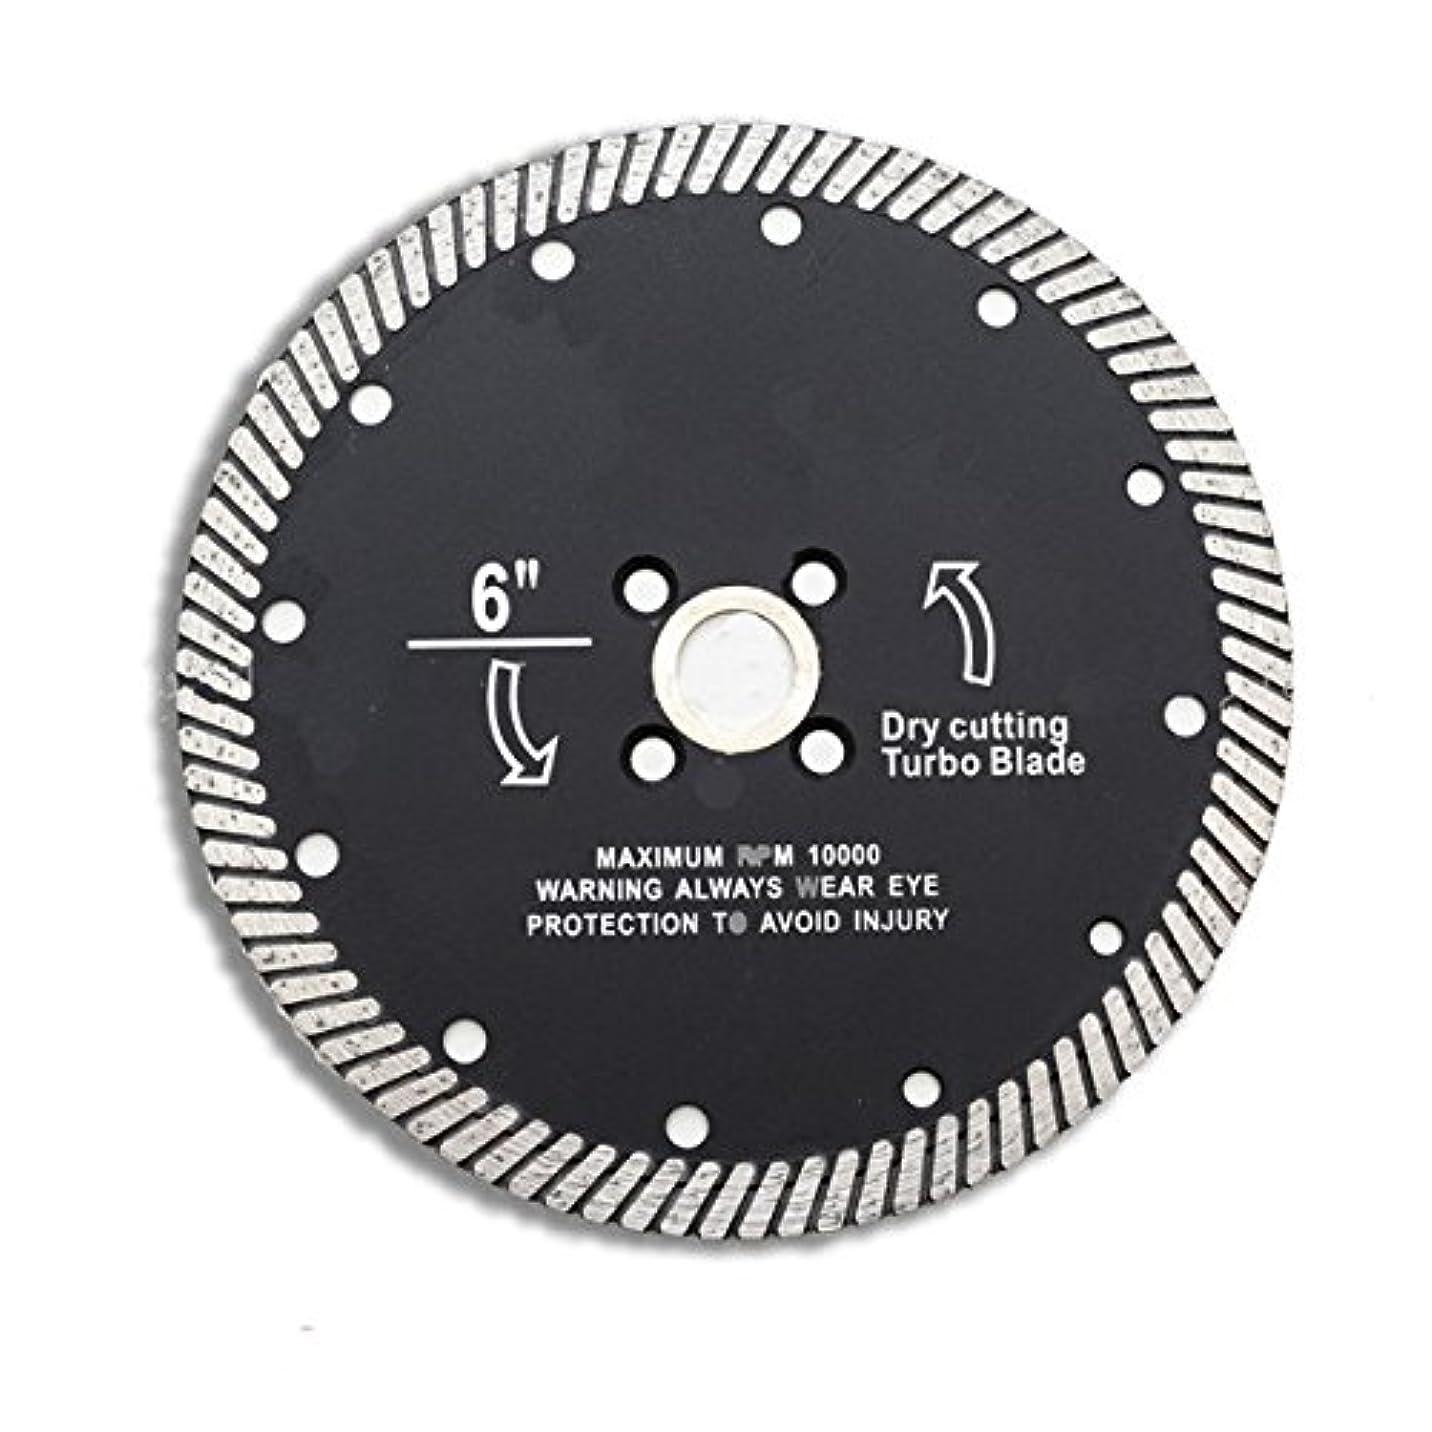 望ましい器用ごみWchaoen 6インチの極度の薄いダイヤモンドは陶磁器の磁器の大理石の切断のための鋸歯ディスクを ハードウェア部品